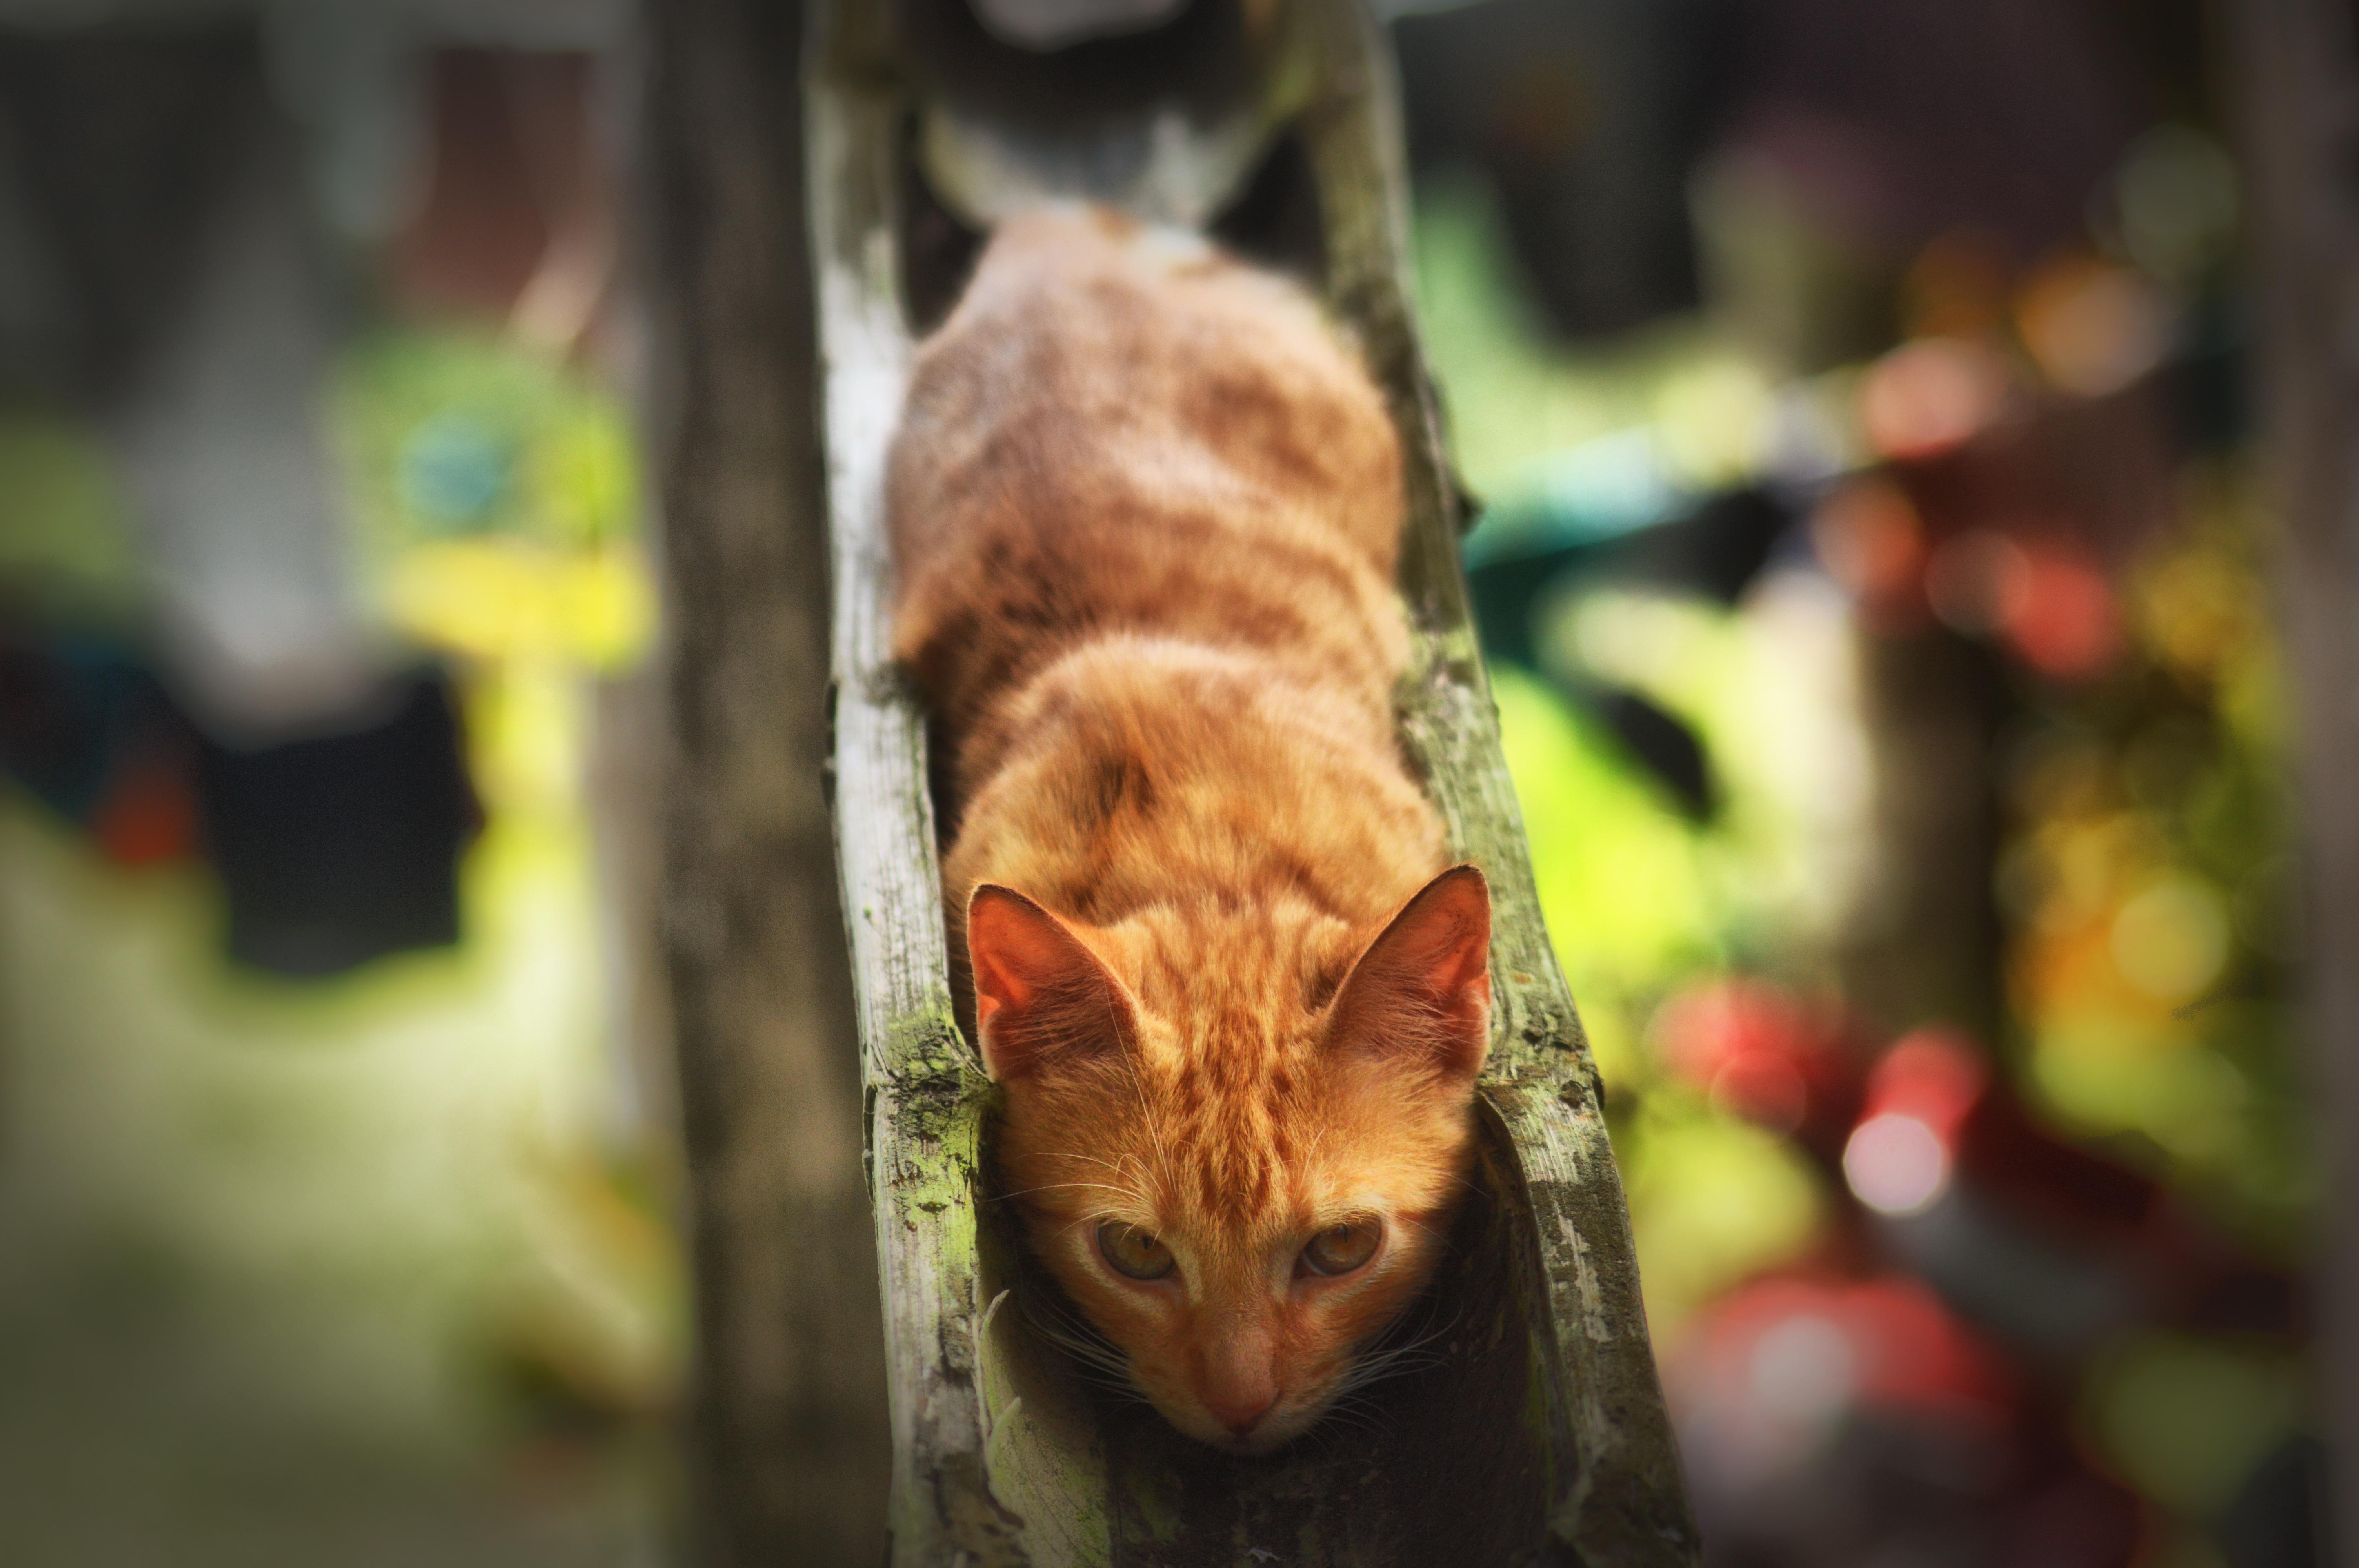 Fotos gratis : naturaleza, animal, mascota, gatito, color, descanso ...